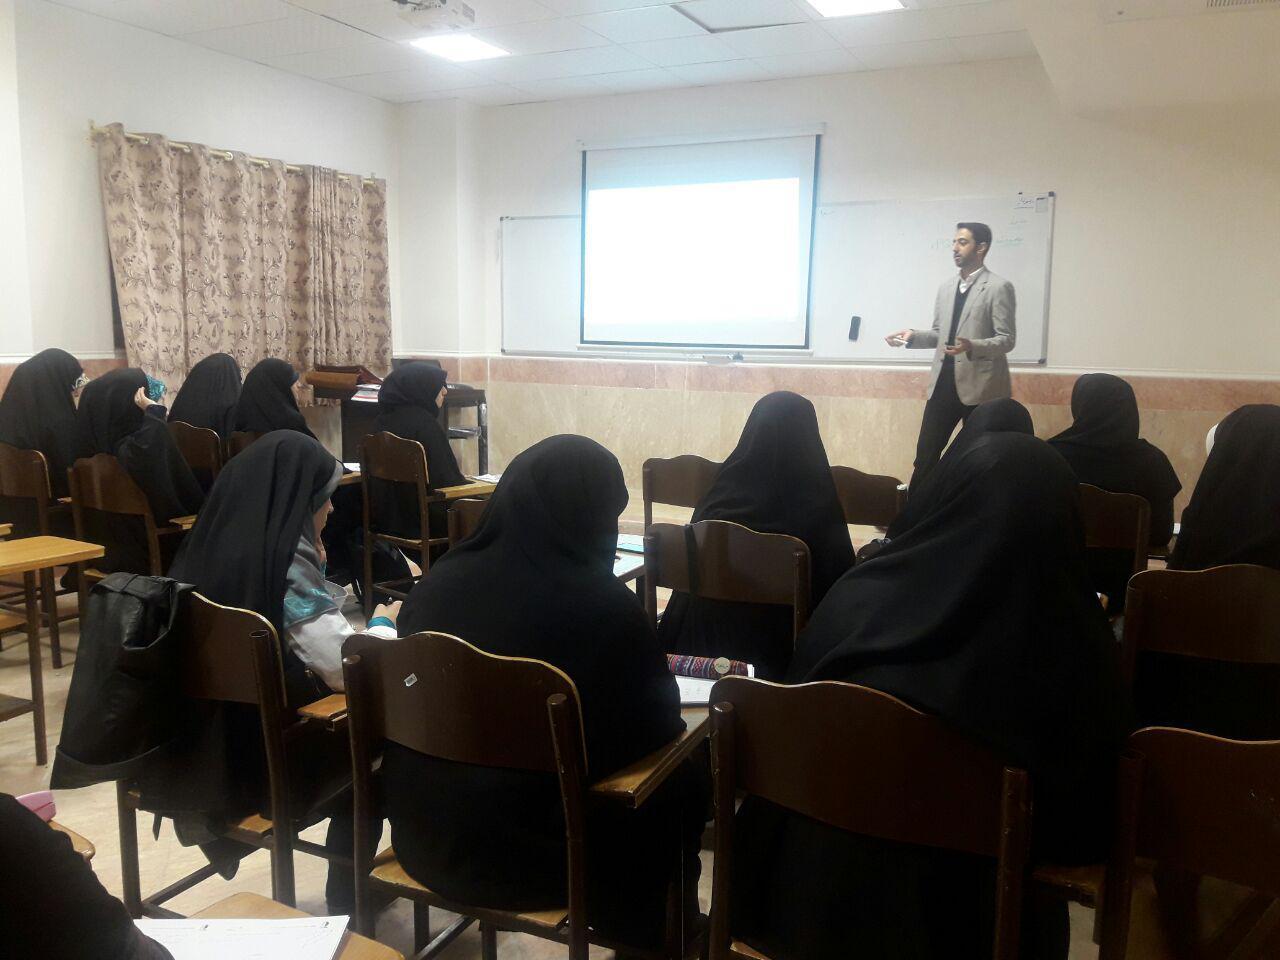 سیدمحمدحسینی در دانشگاه قم تندخوانی تدریس میکند